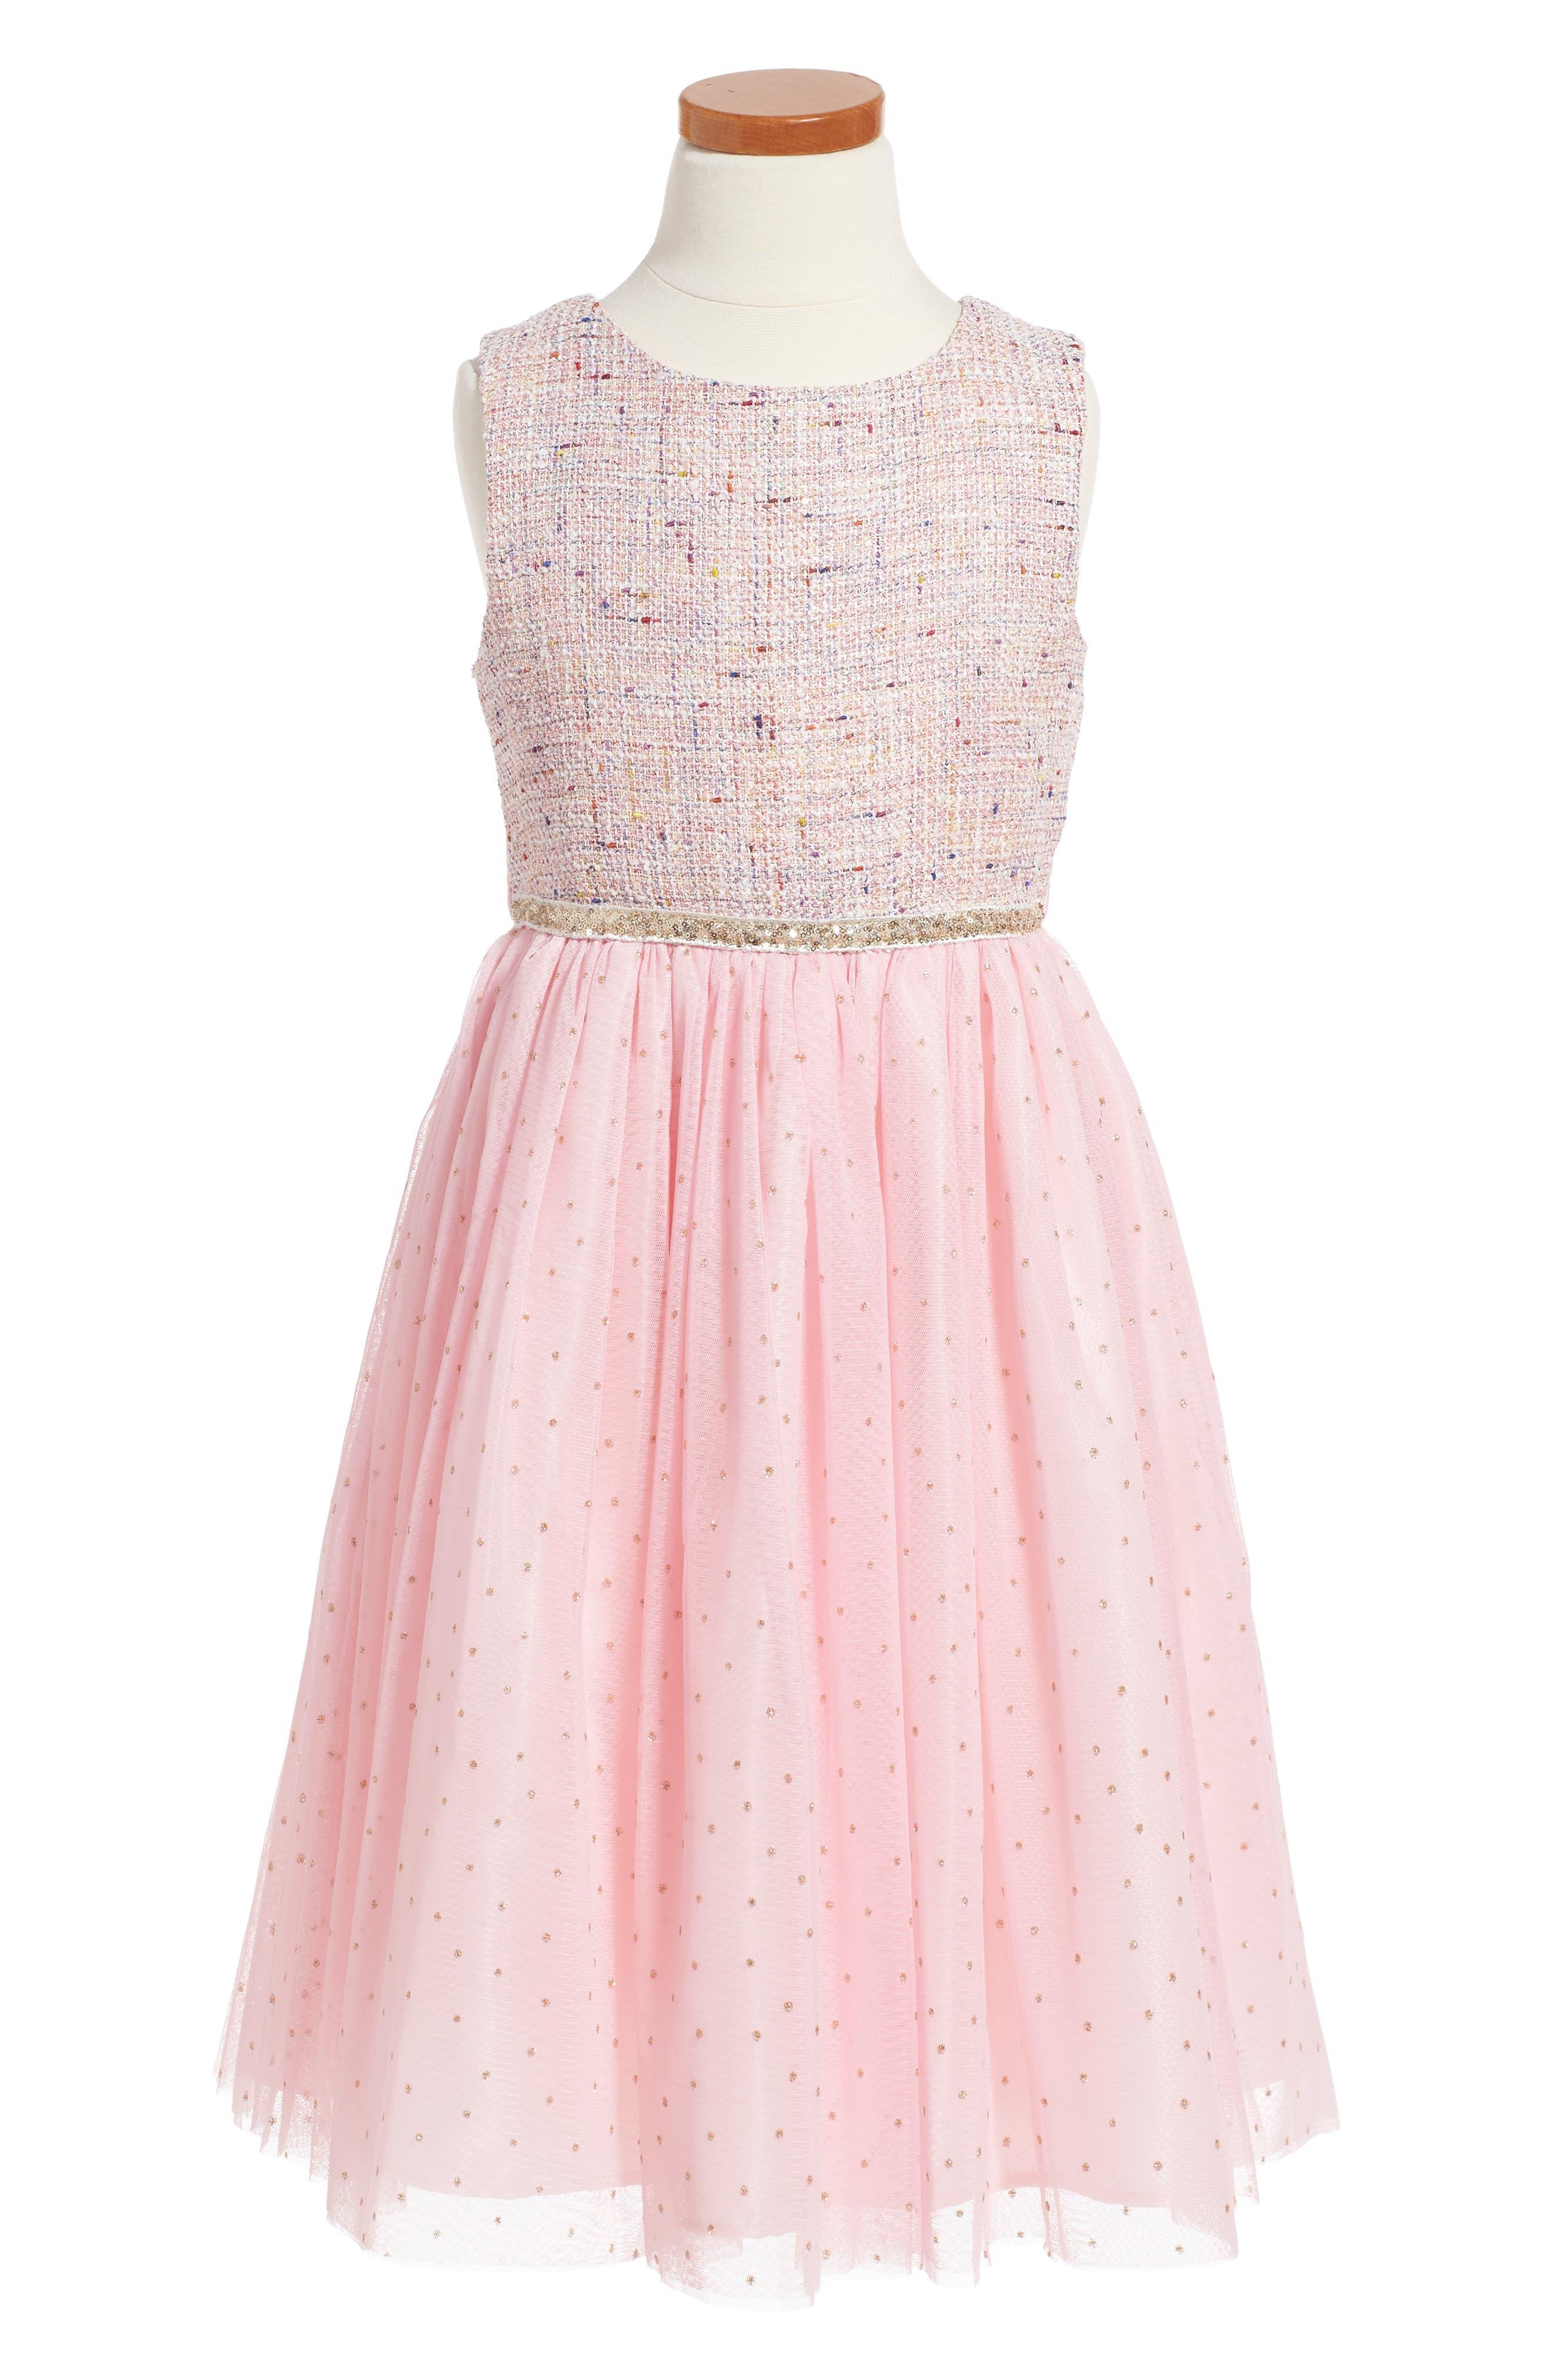 Samantha Dress,                         Main,                         color, Pink